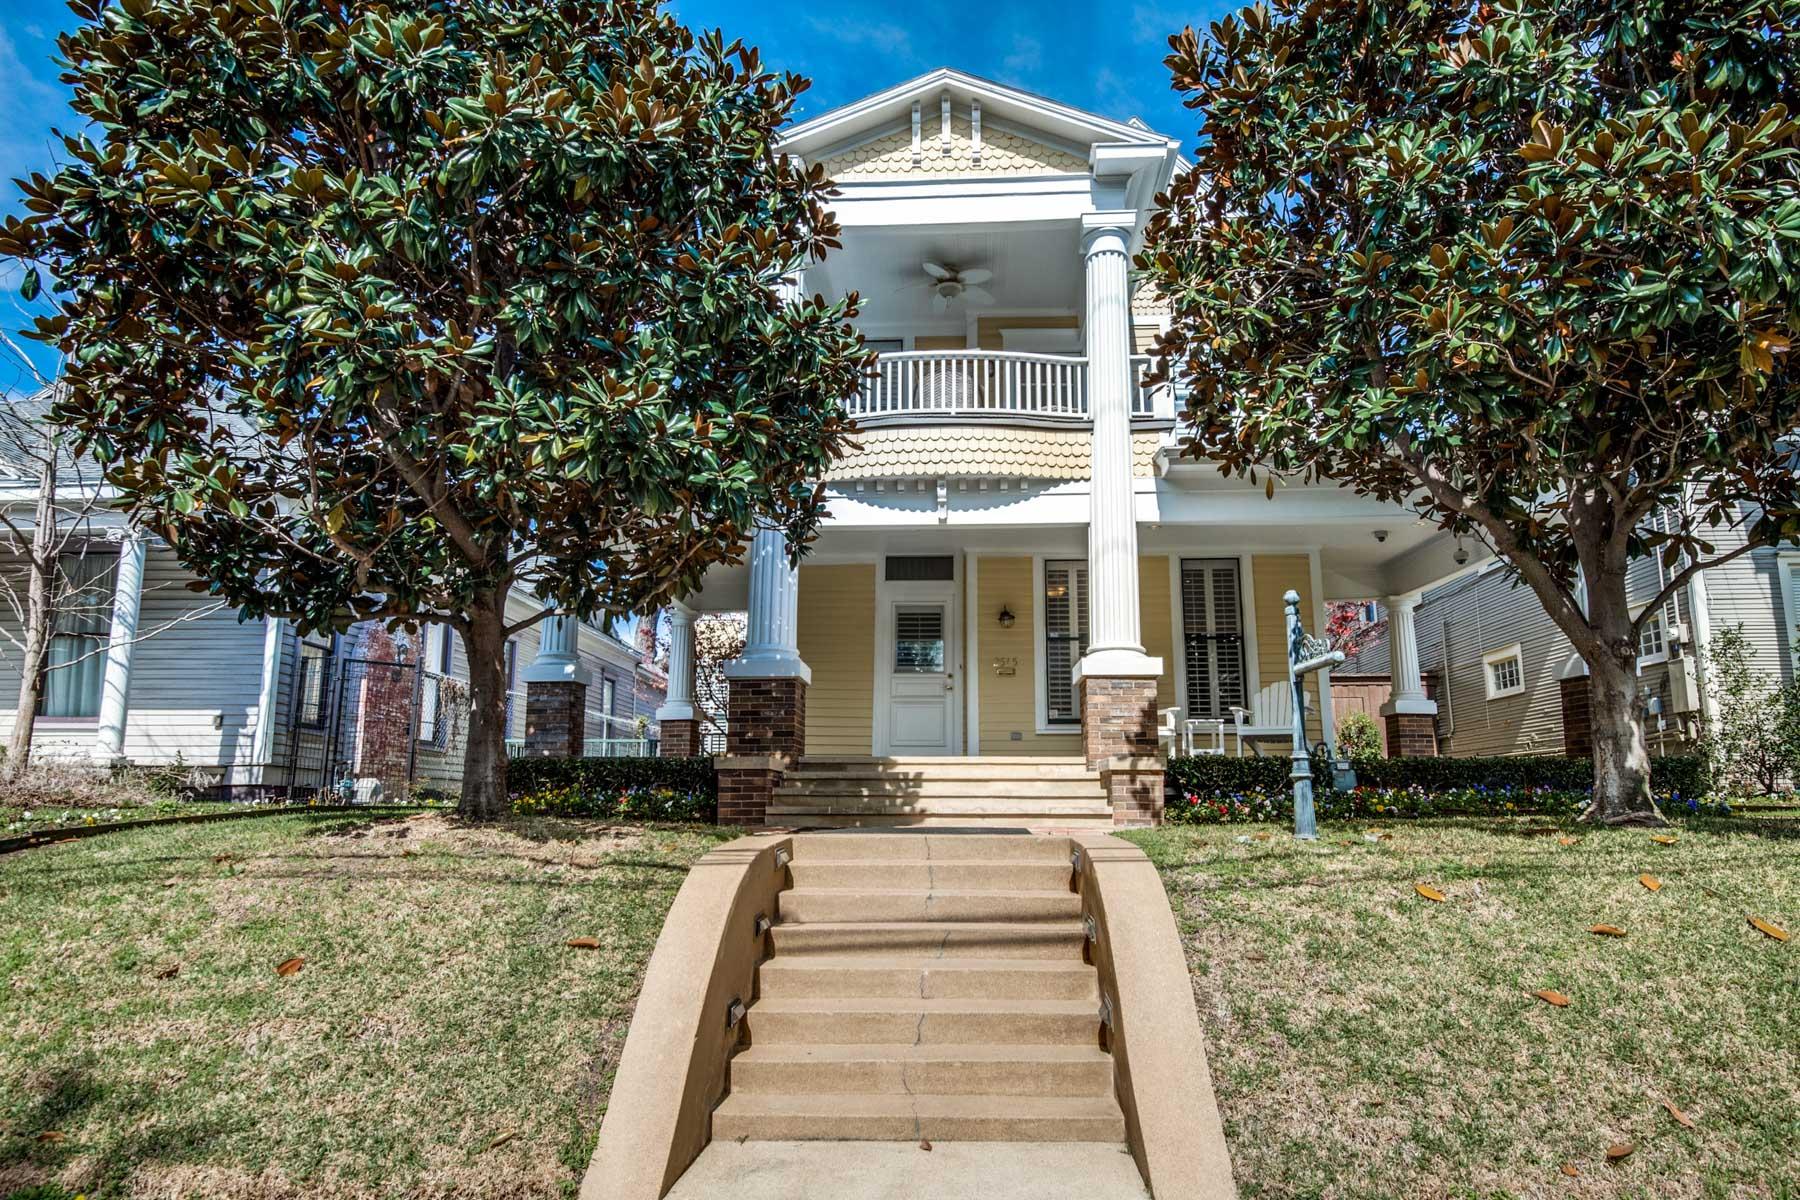 Tek Ailelik Ev için Satış at State Thomas Historical District Neo Classical 2515 Thomas Ave Dallas, Teksas, 75201 Amerika Birleşik Devletleri